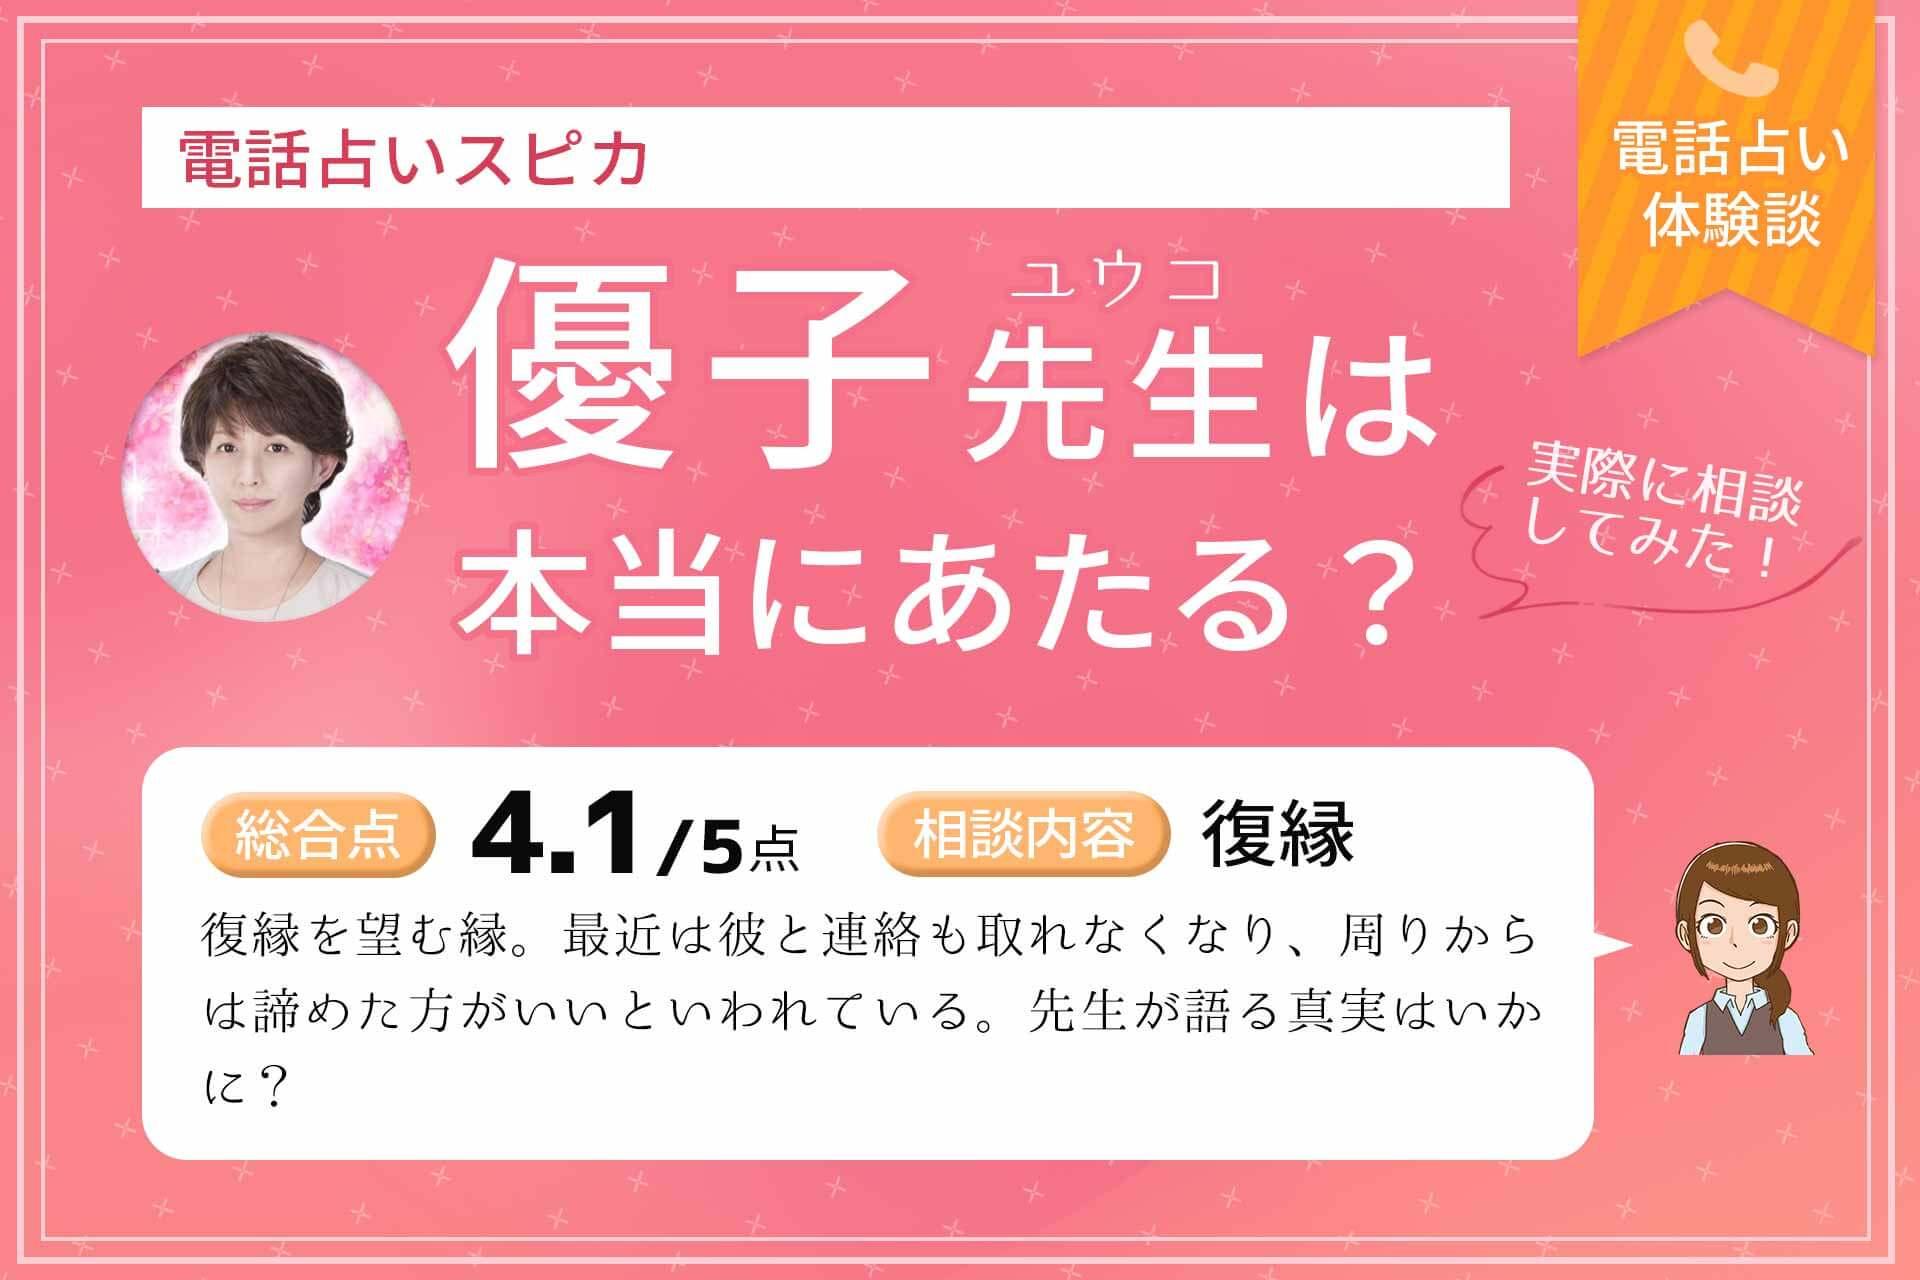 電話占いスピカの優子先生は当たる?当たらない?【鑑定体験談】